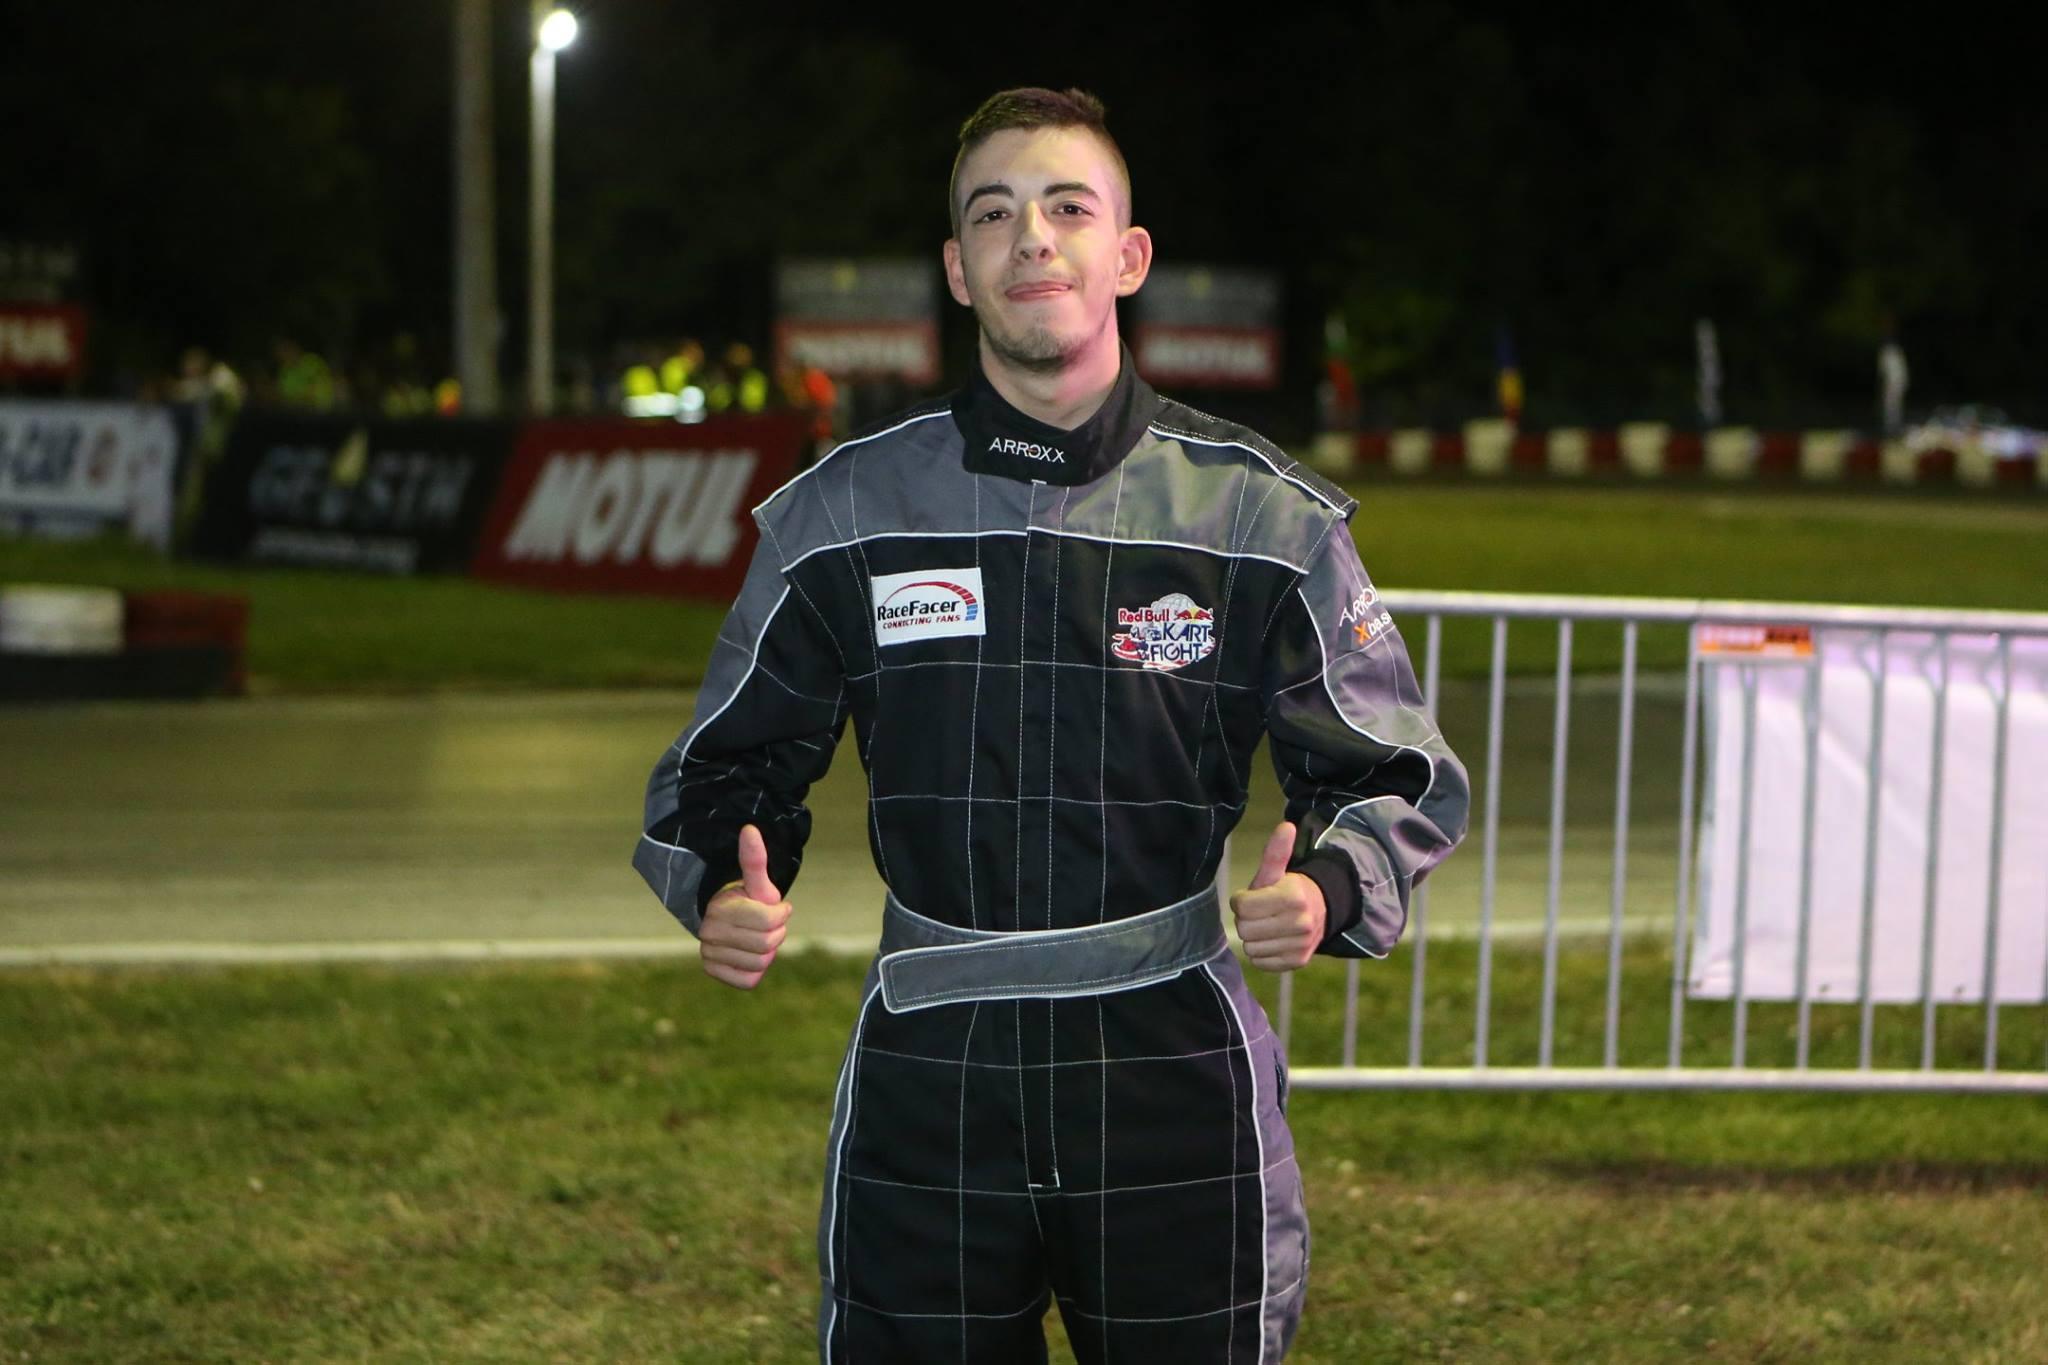 Redbull-KartFight-Race-Varnakarting-winner